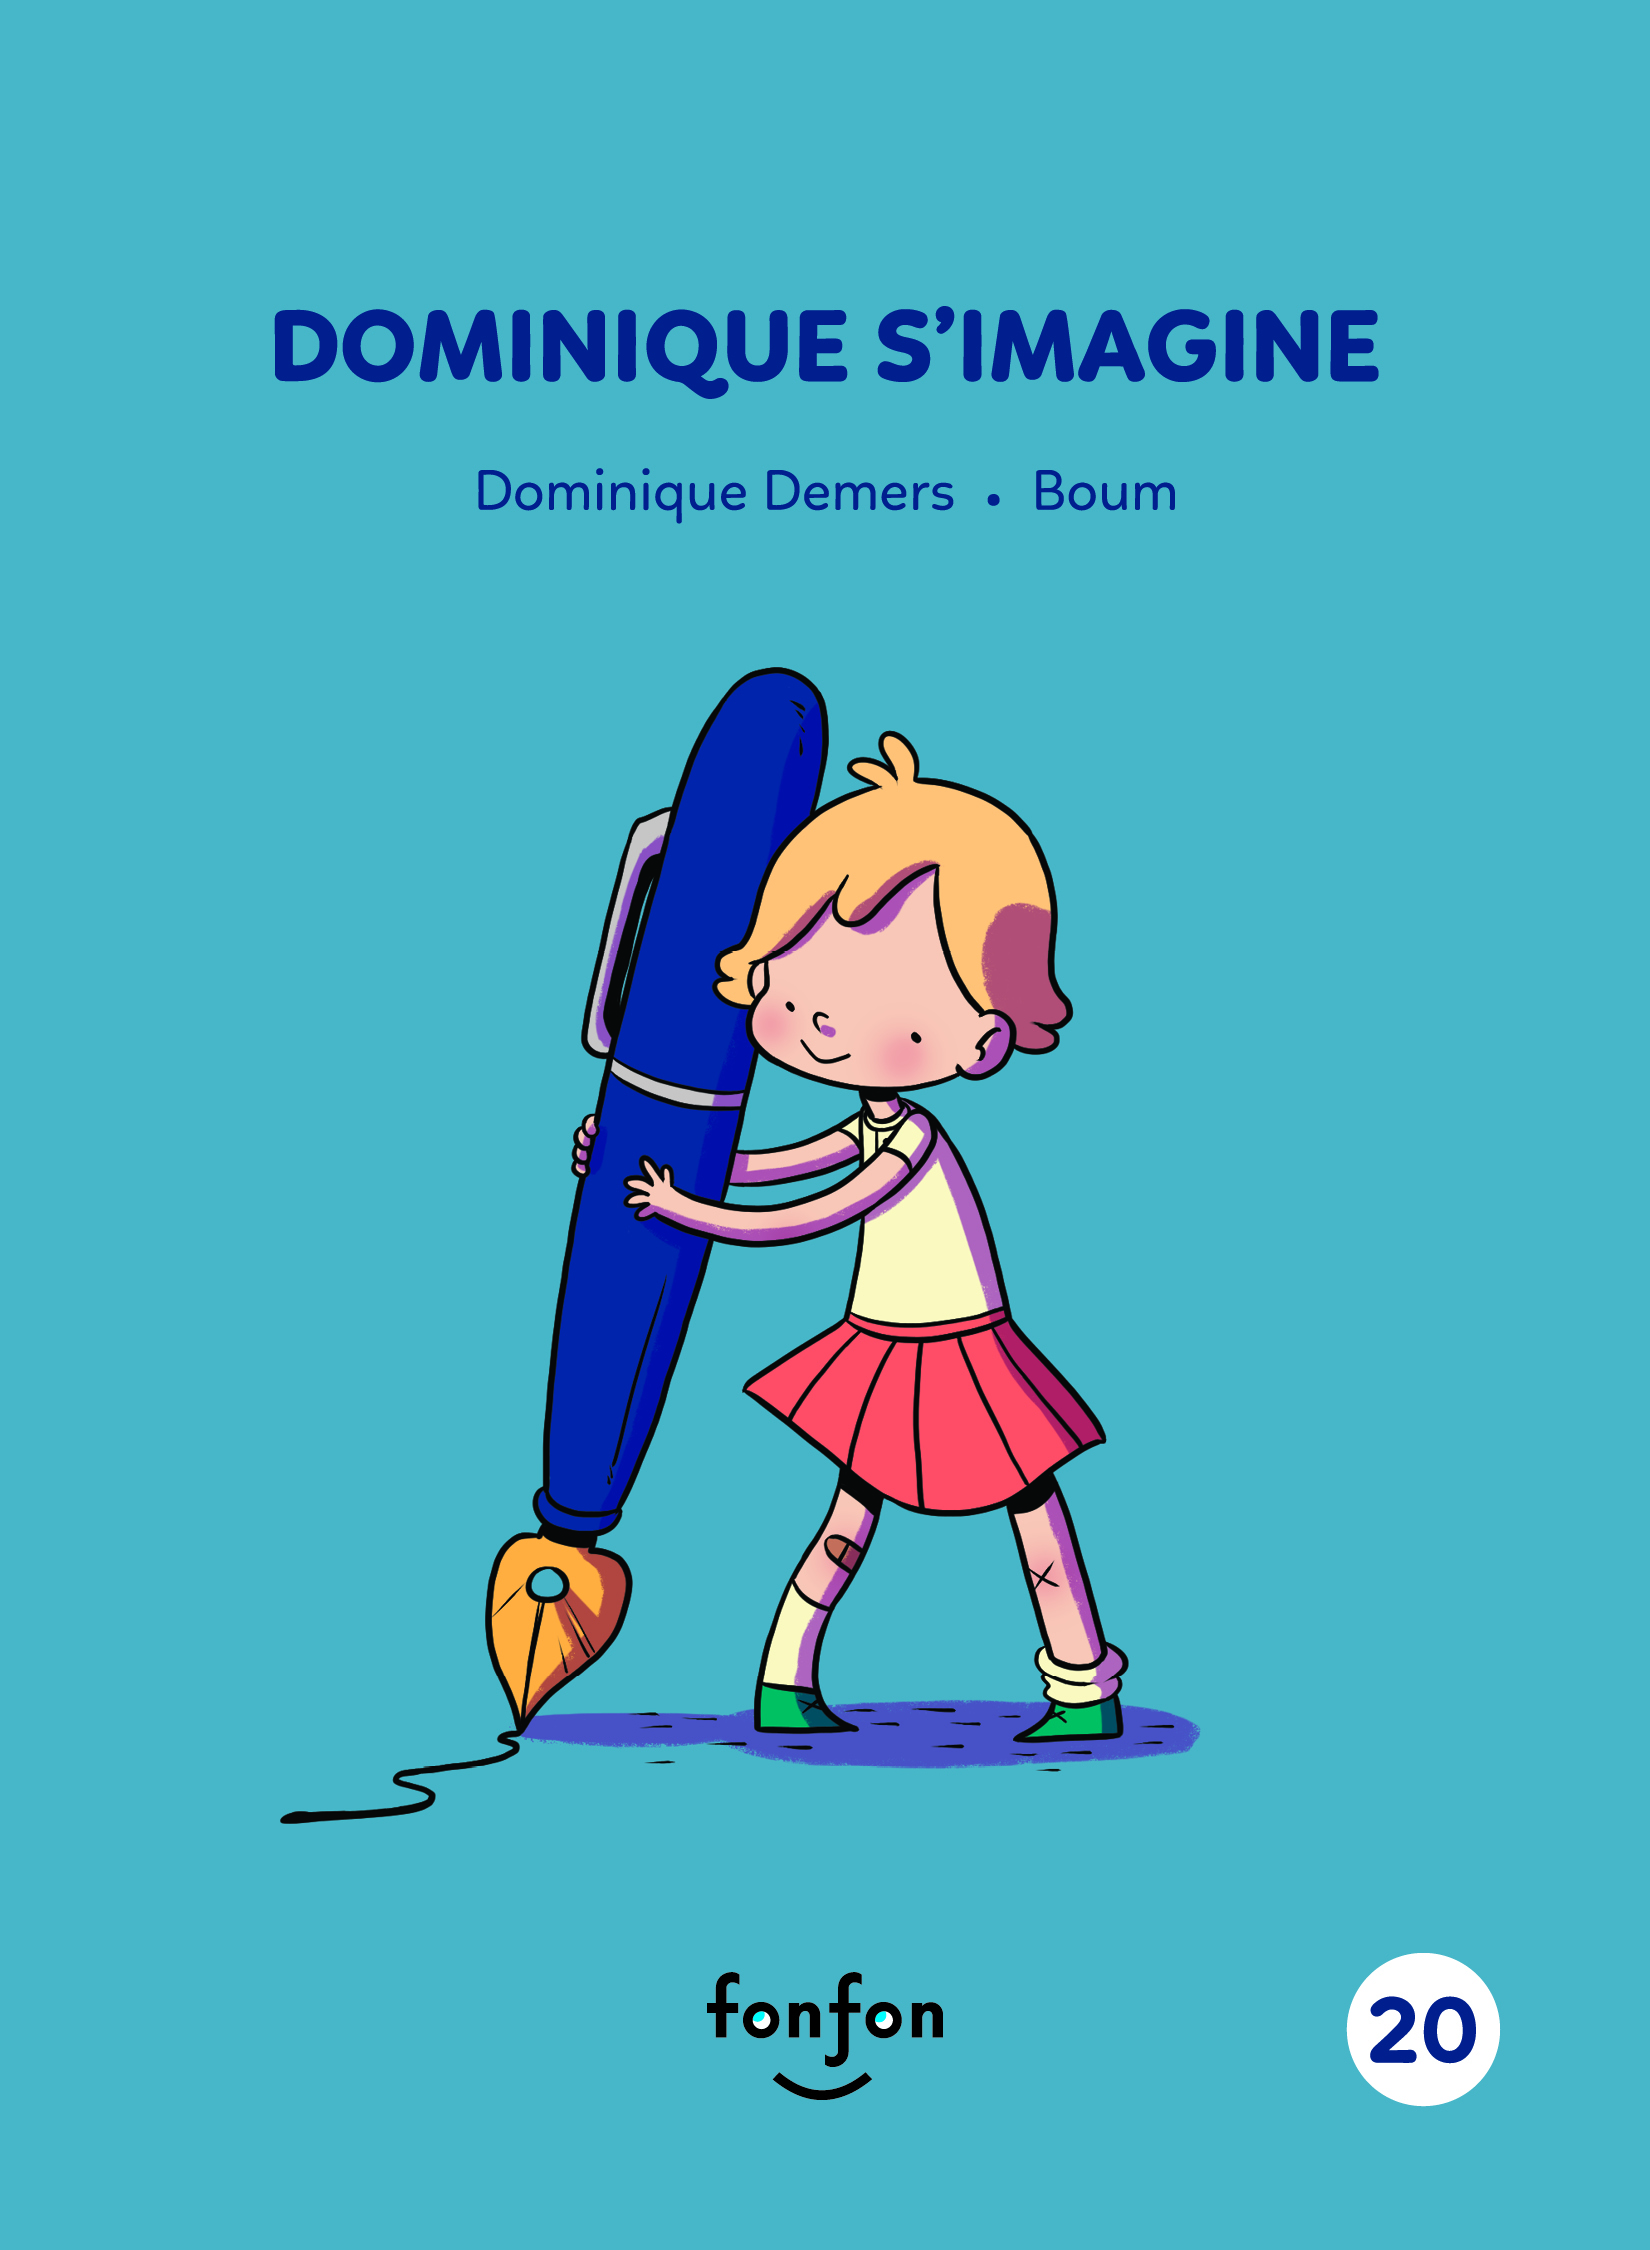 Dominique s'imagine